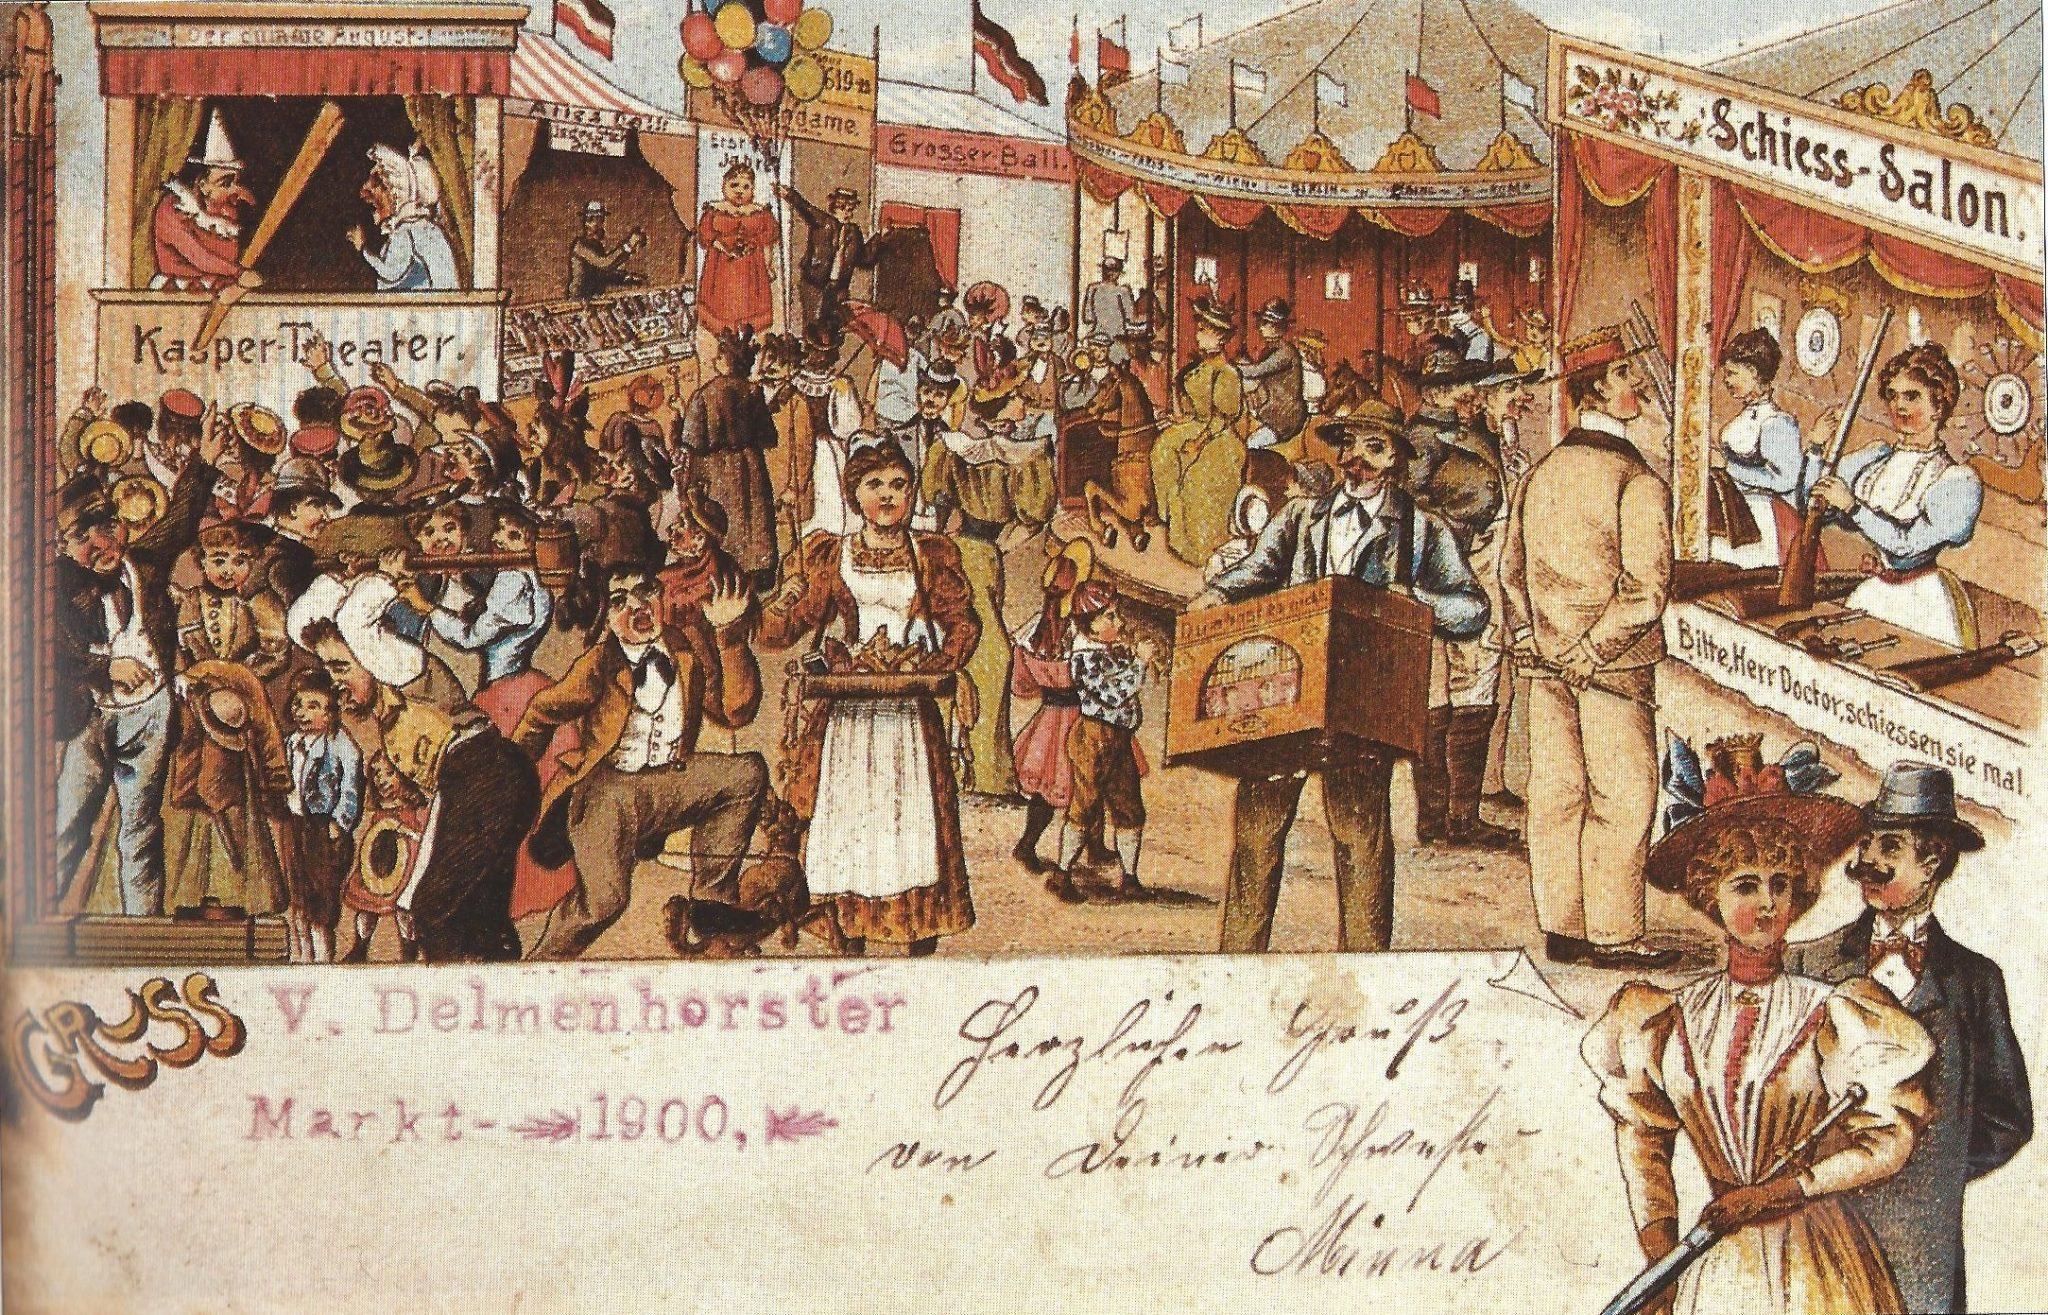 Grußkarte vom Delmenhorster Kramermarkt aus dem Jahr 1900.